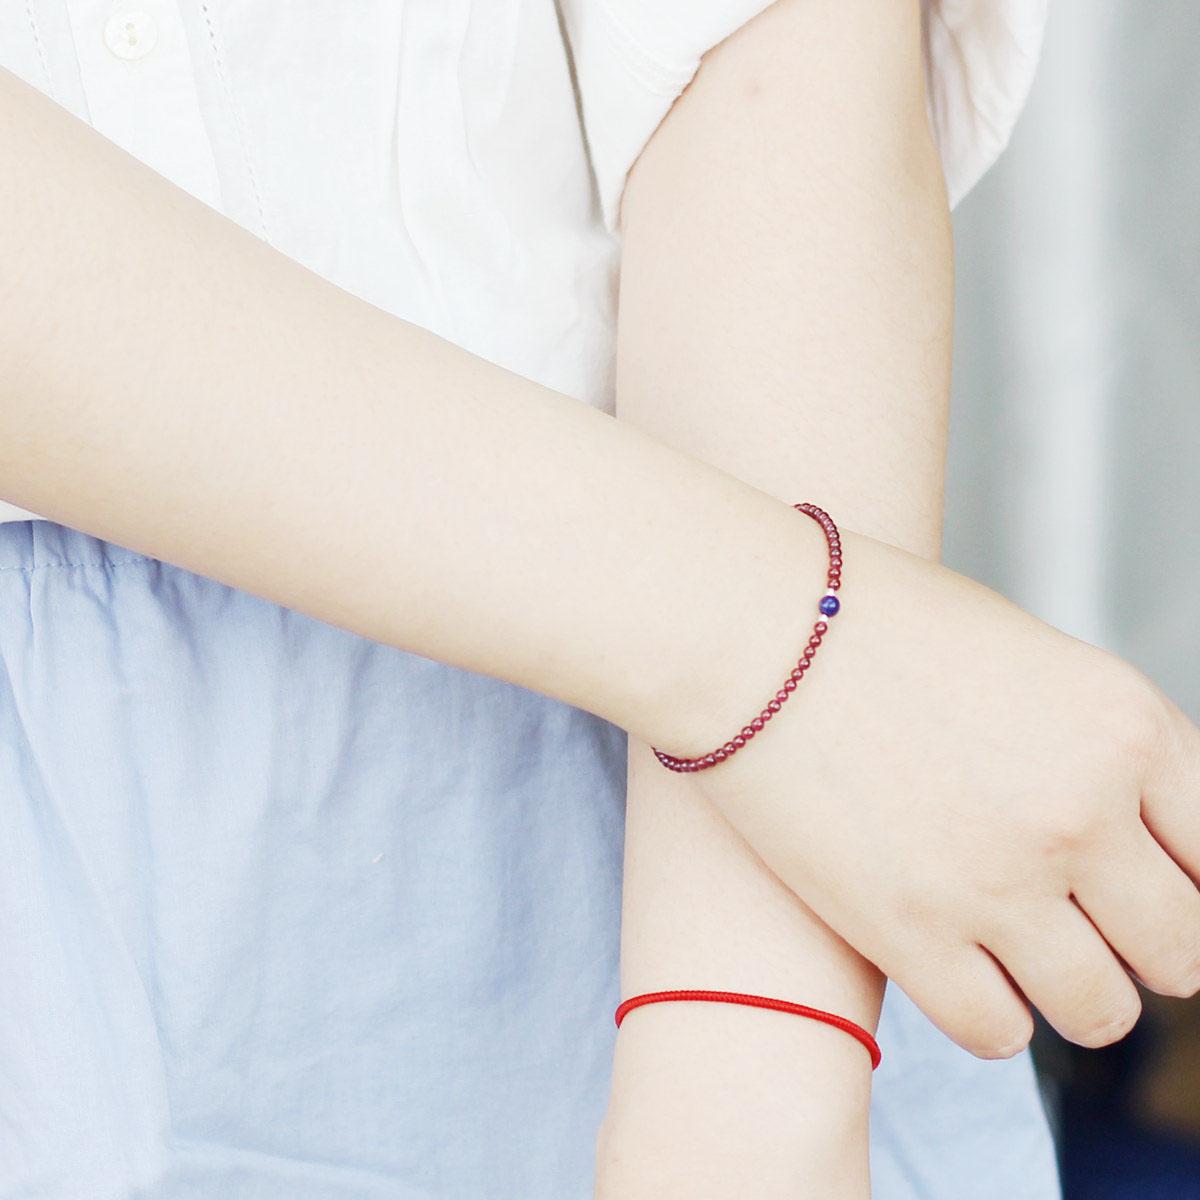 Фиолетовый зуб черный розовый красный гранат браслет женщина круг хорошо ляпис 925 серебро 925 пробы женщина камень страхование спокойствие